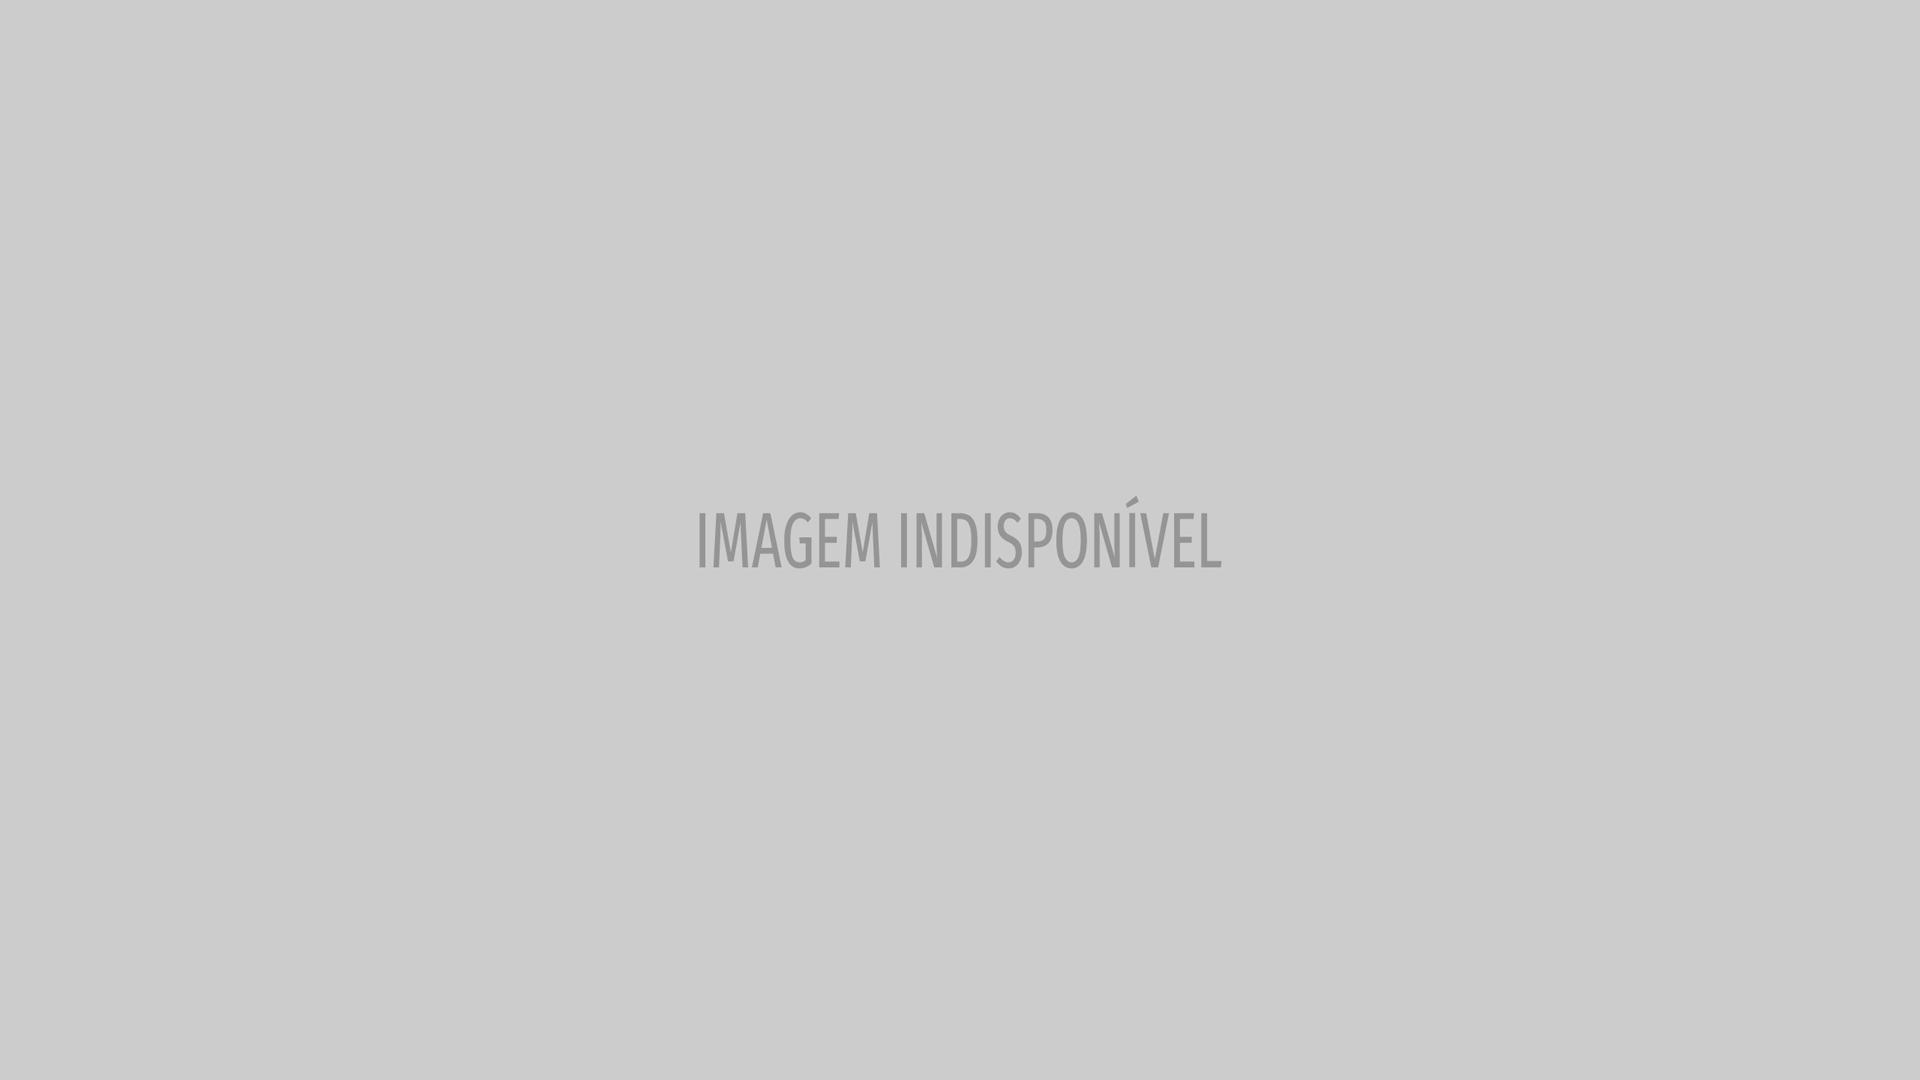 Zilu brinca e sensualiza em foto com namorado na Disney